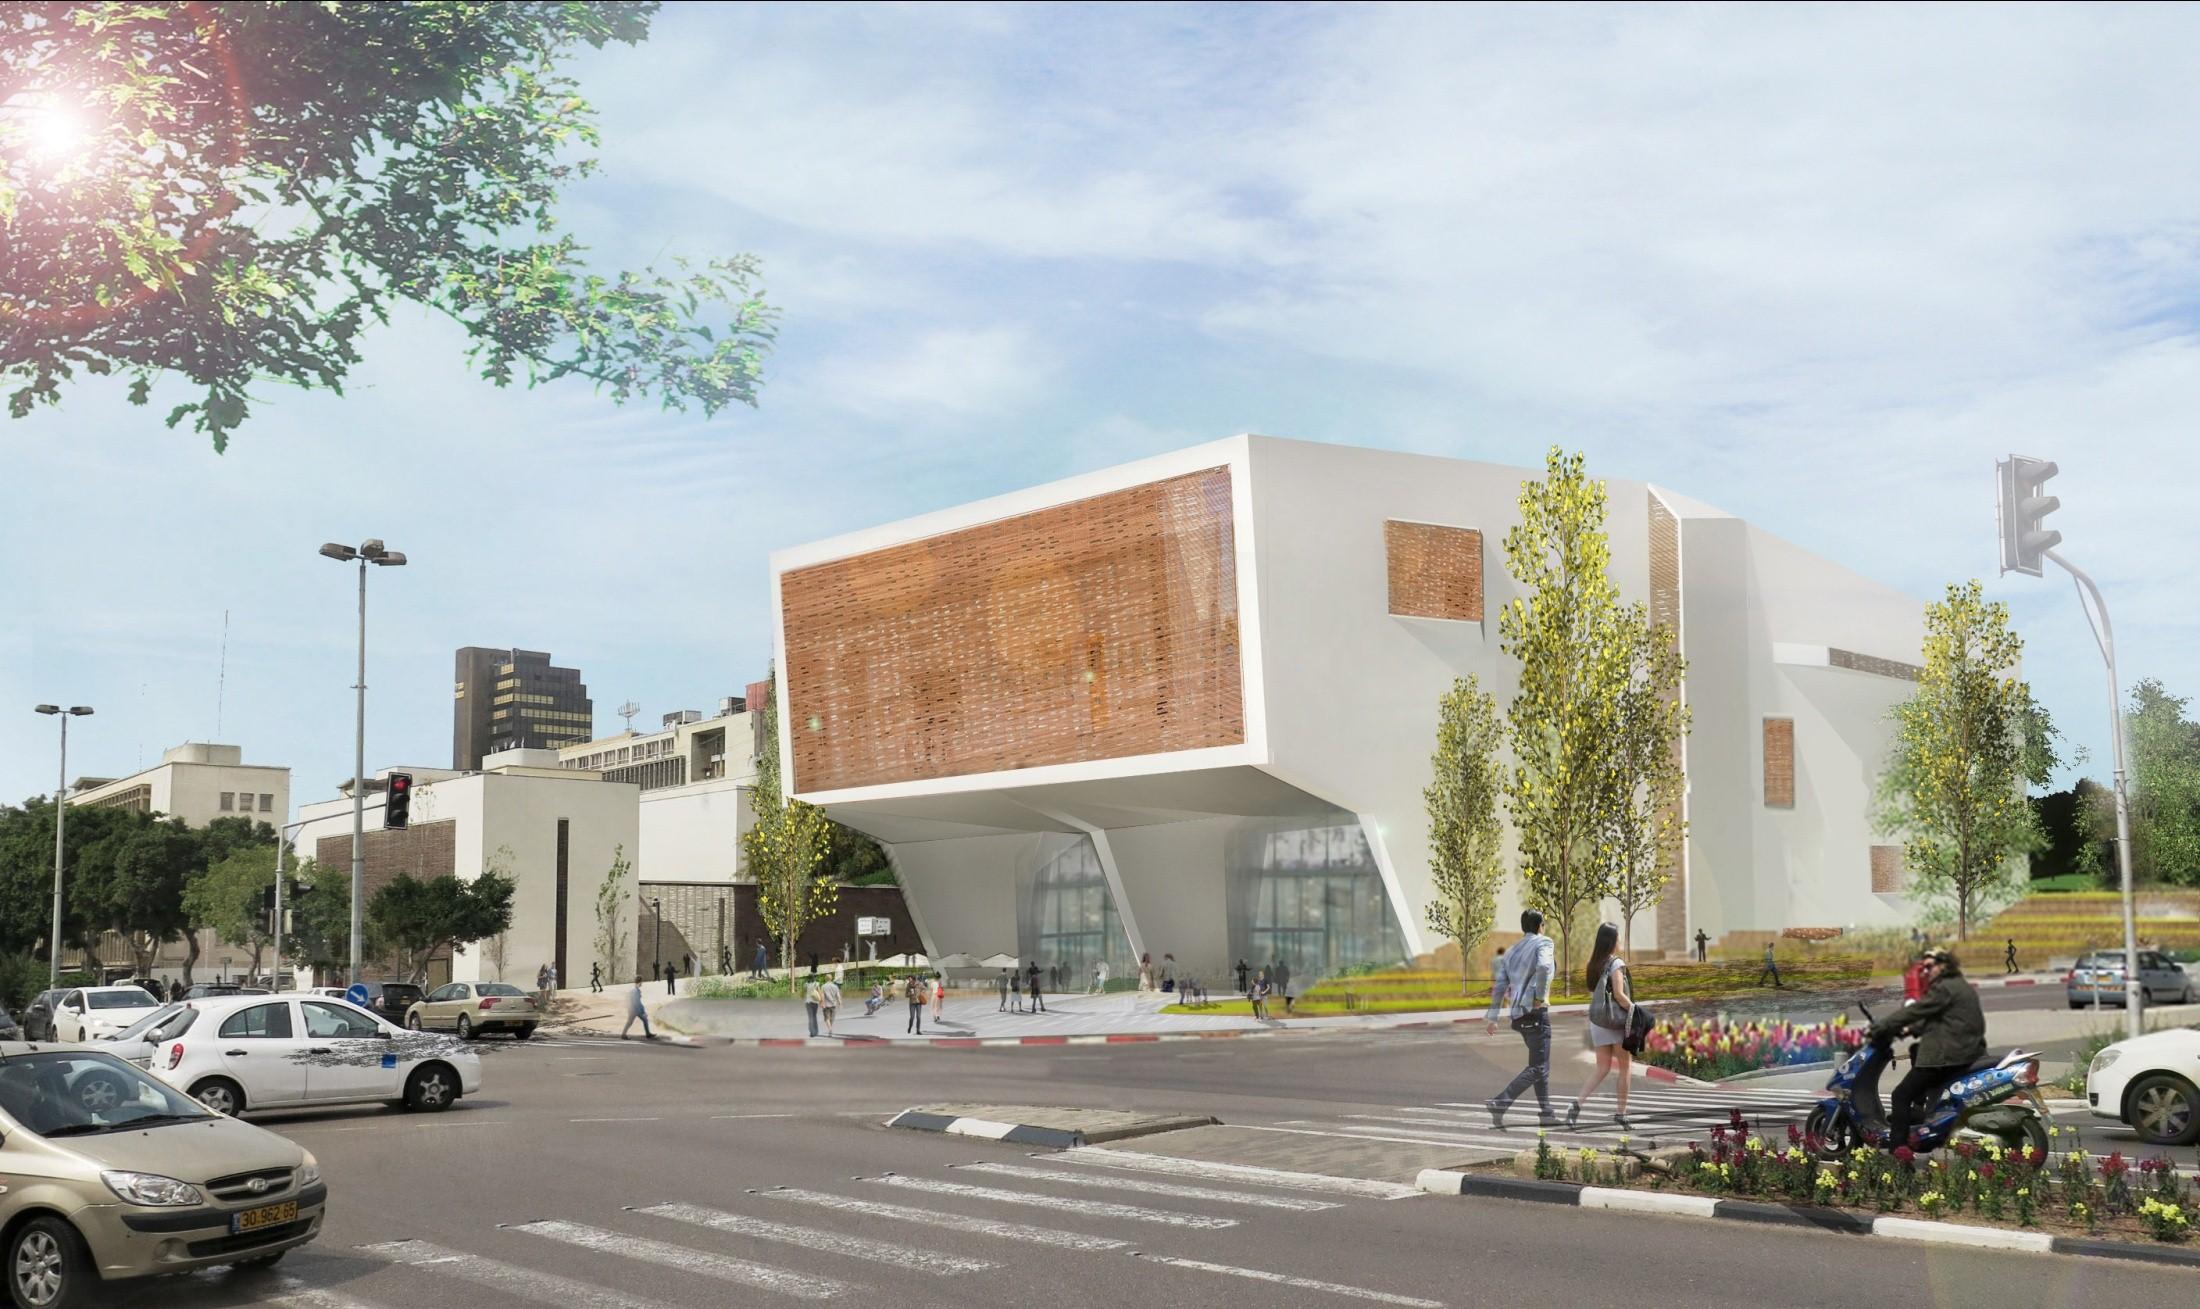 מרכז ספורט רמז ארלוזרוב בתל אביב. הדמיה: מייזליץ כסיף